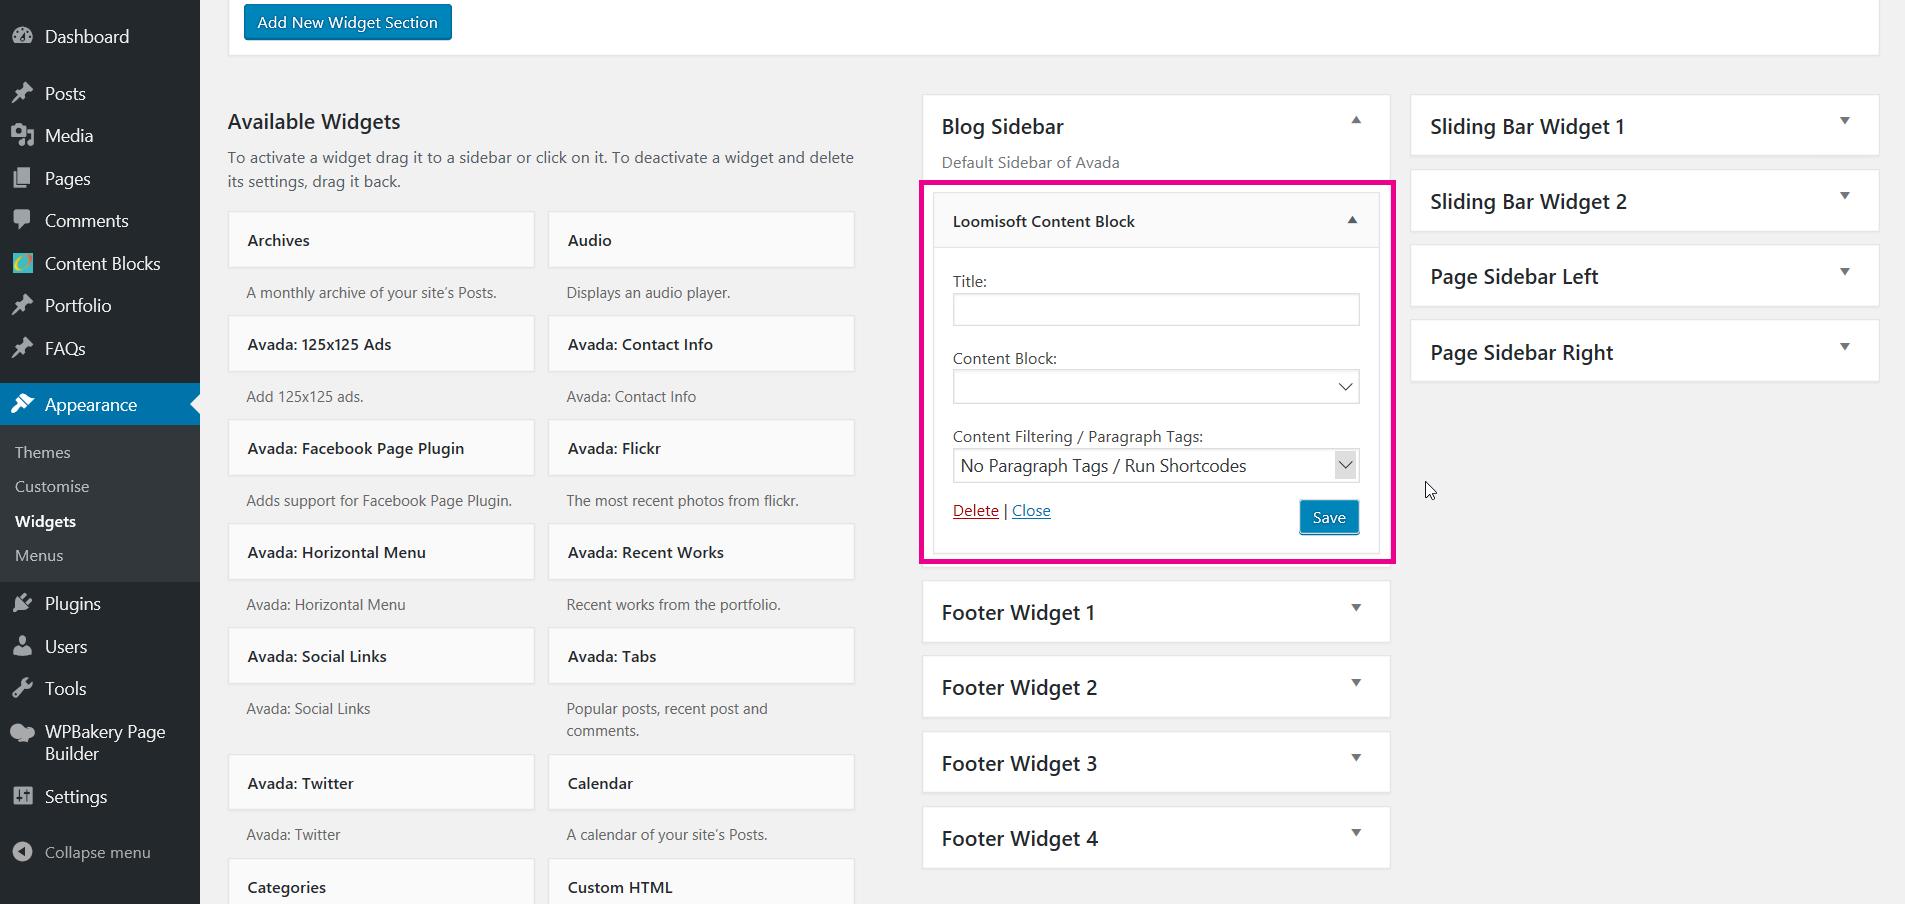 Blank Content Block Widget